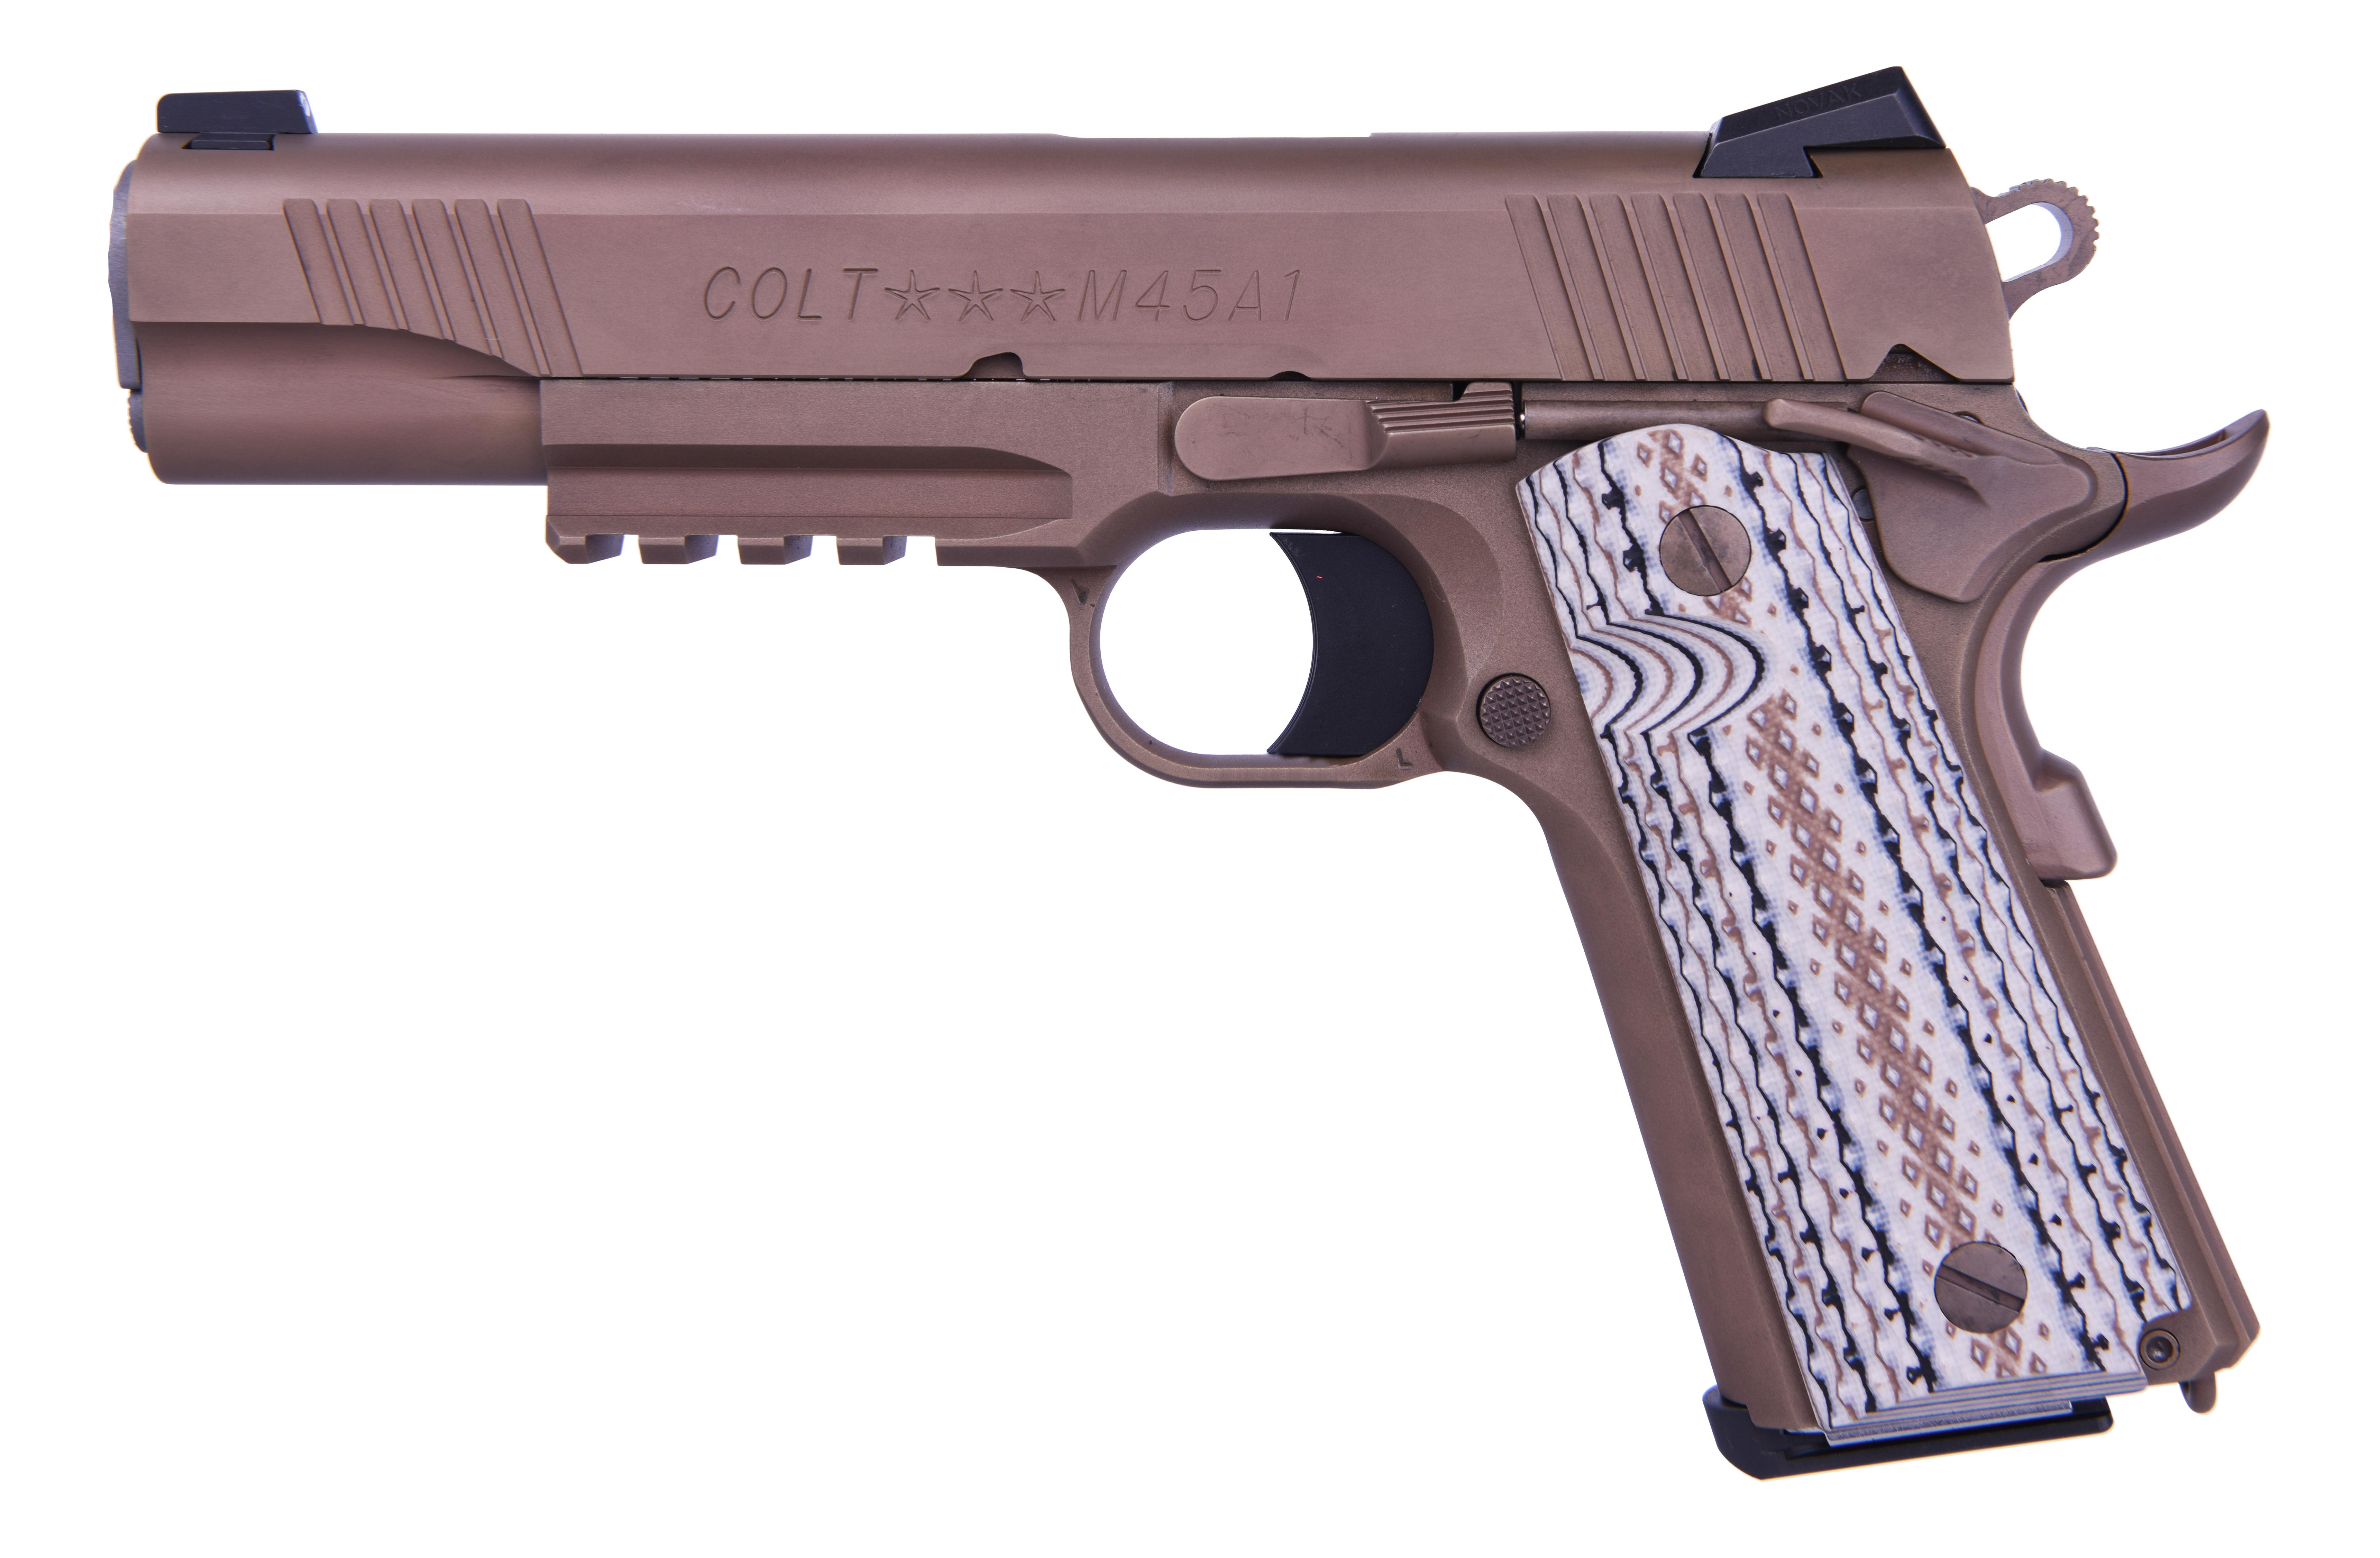 Colt CMC Marine Pistol 45 ACP